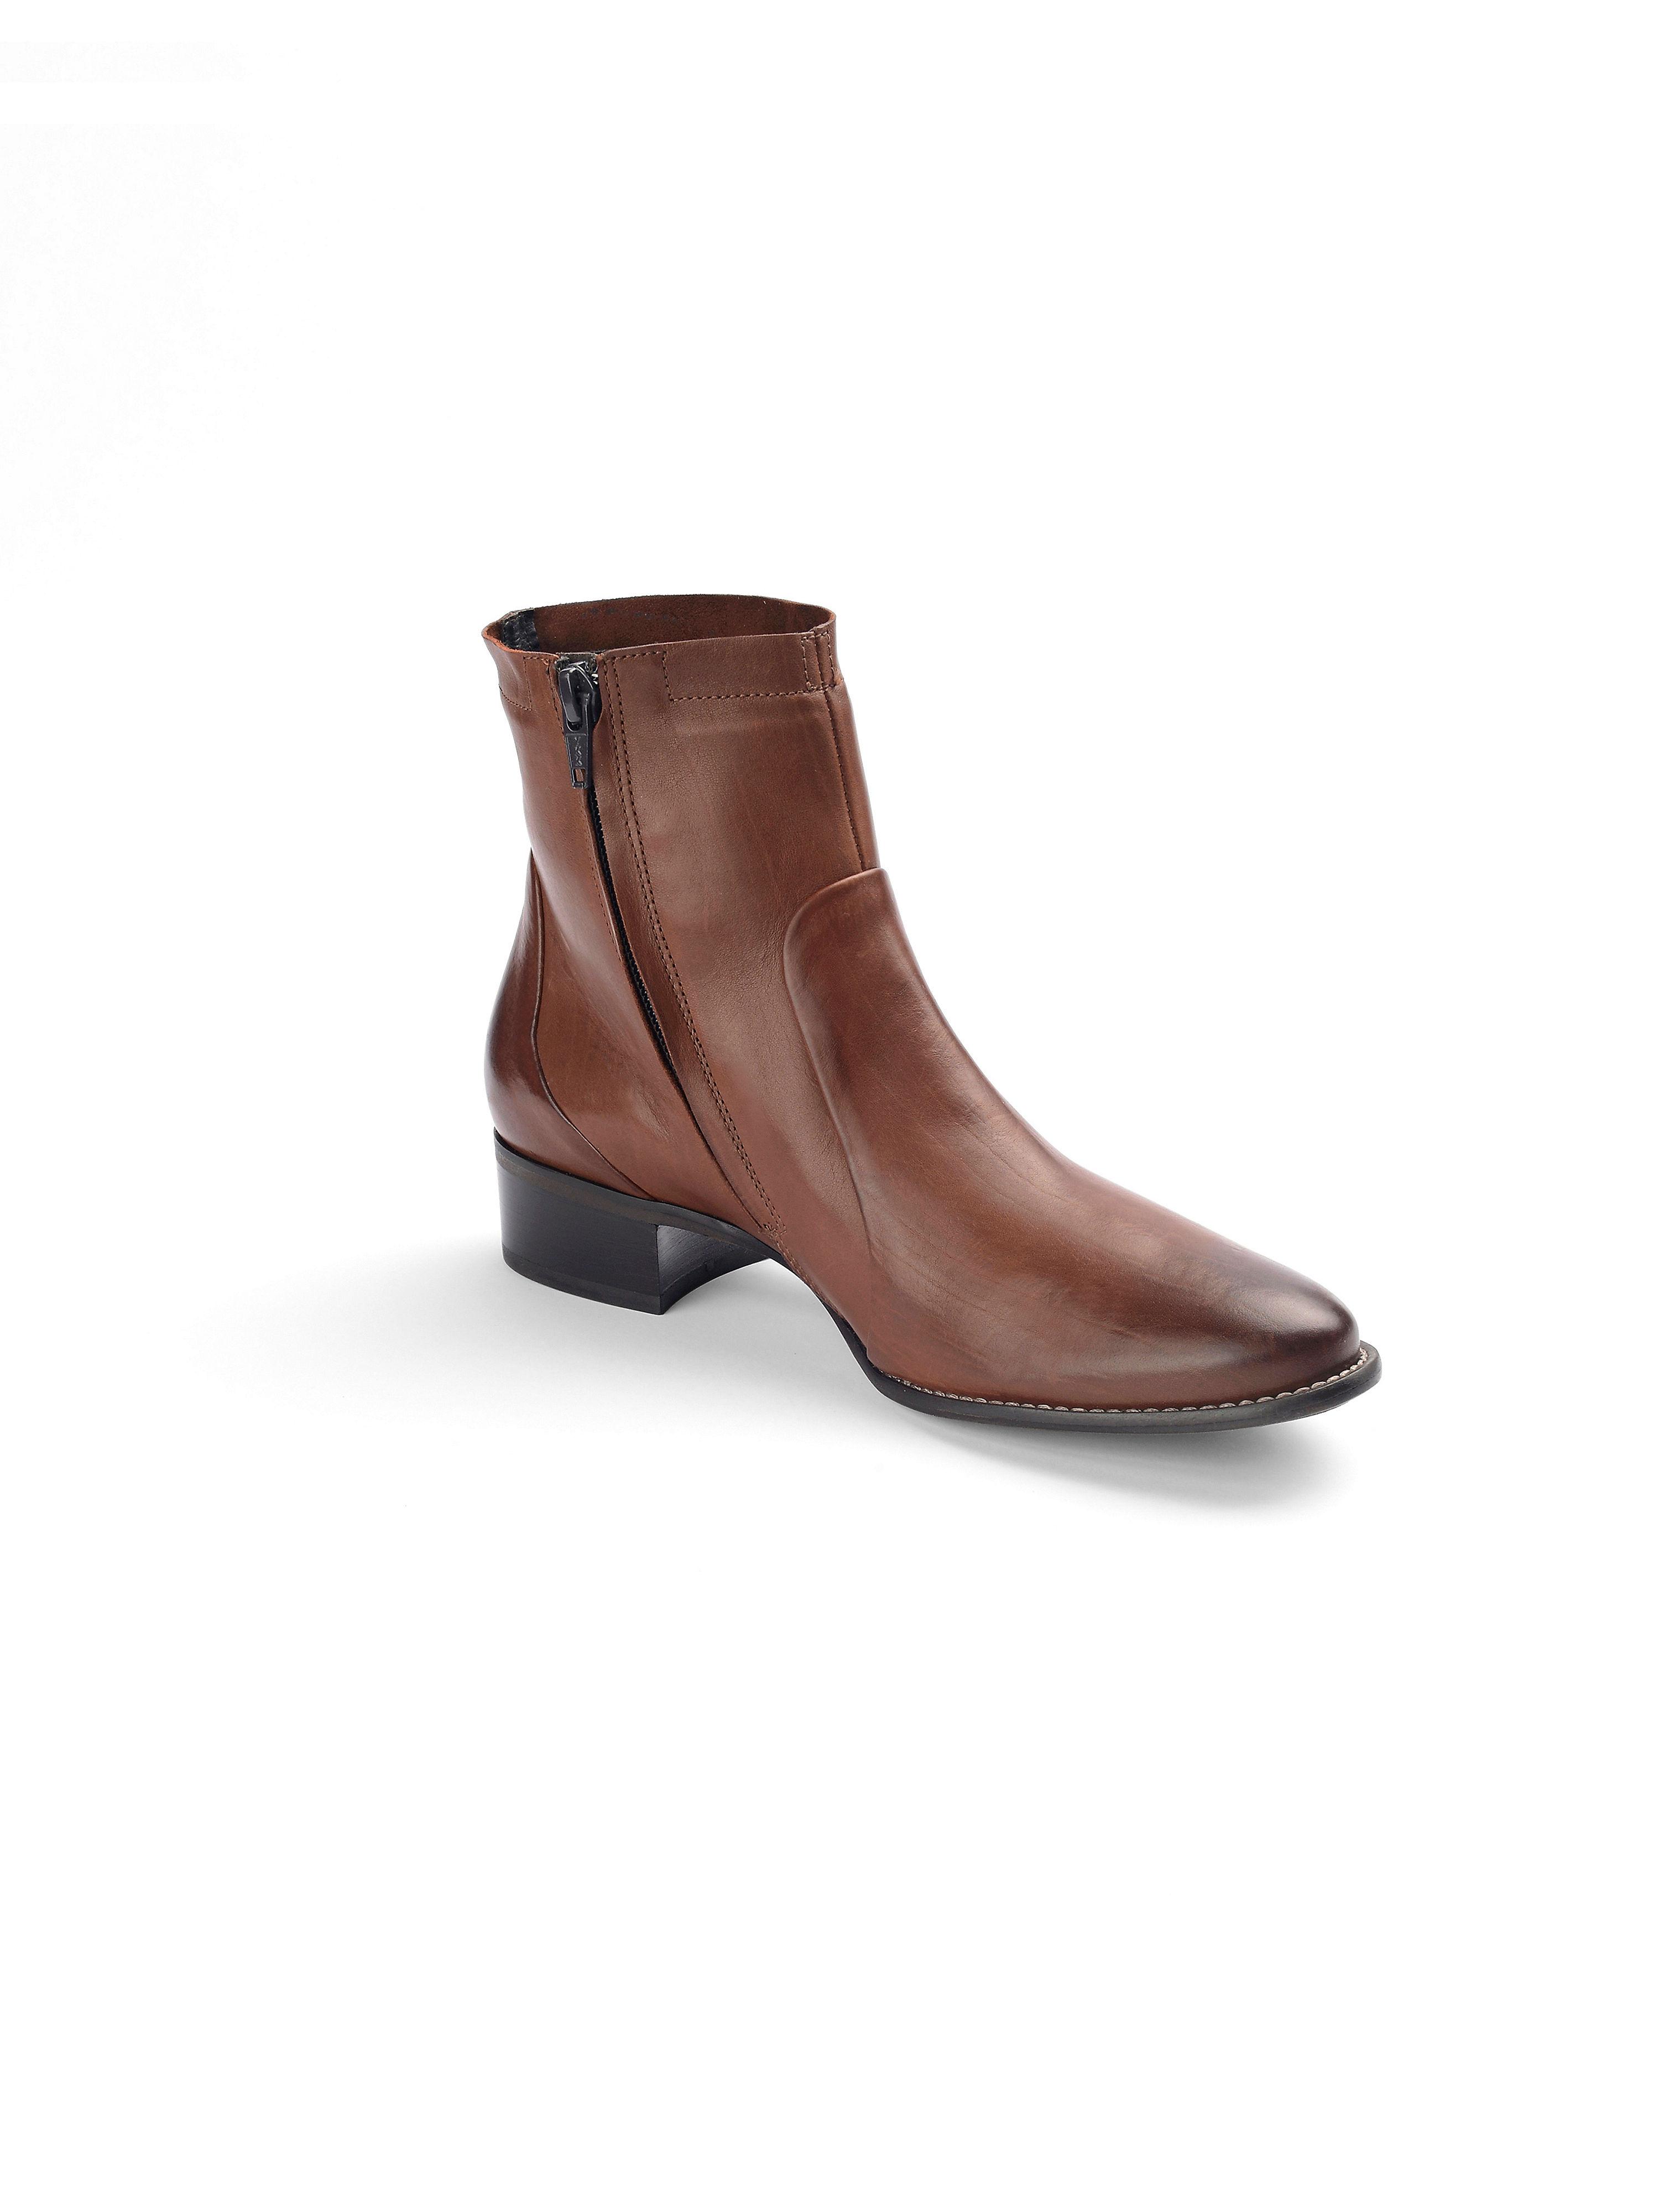 Paul Green - Schlichte Stiefelette Cognac aus 100 Leder - Cognac Stiefelette Gute Qualität beliebte Schuhe ccbc56